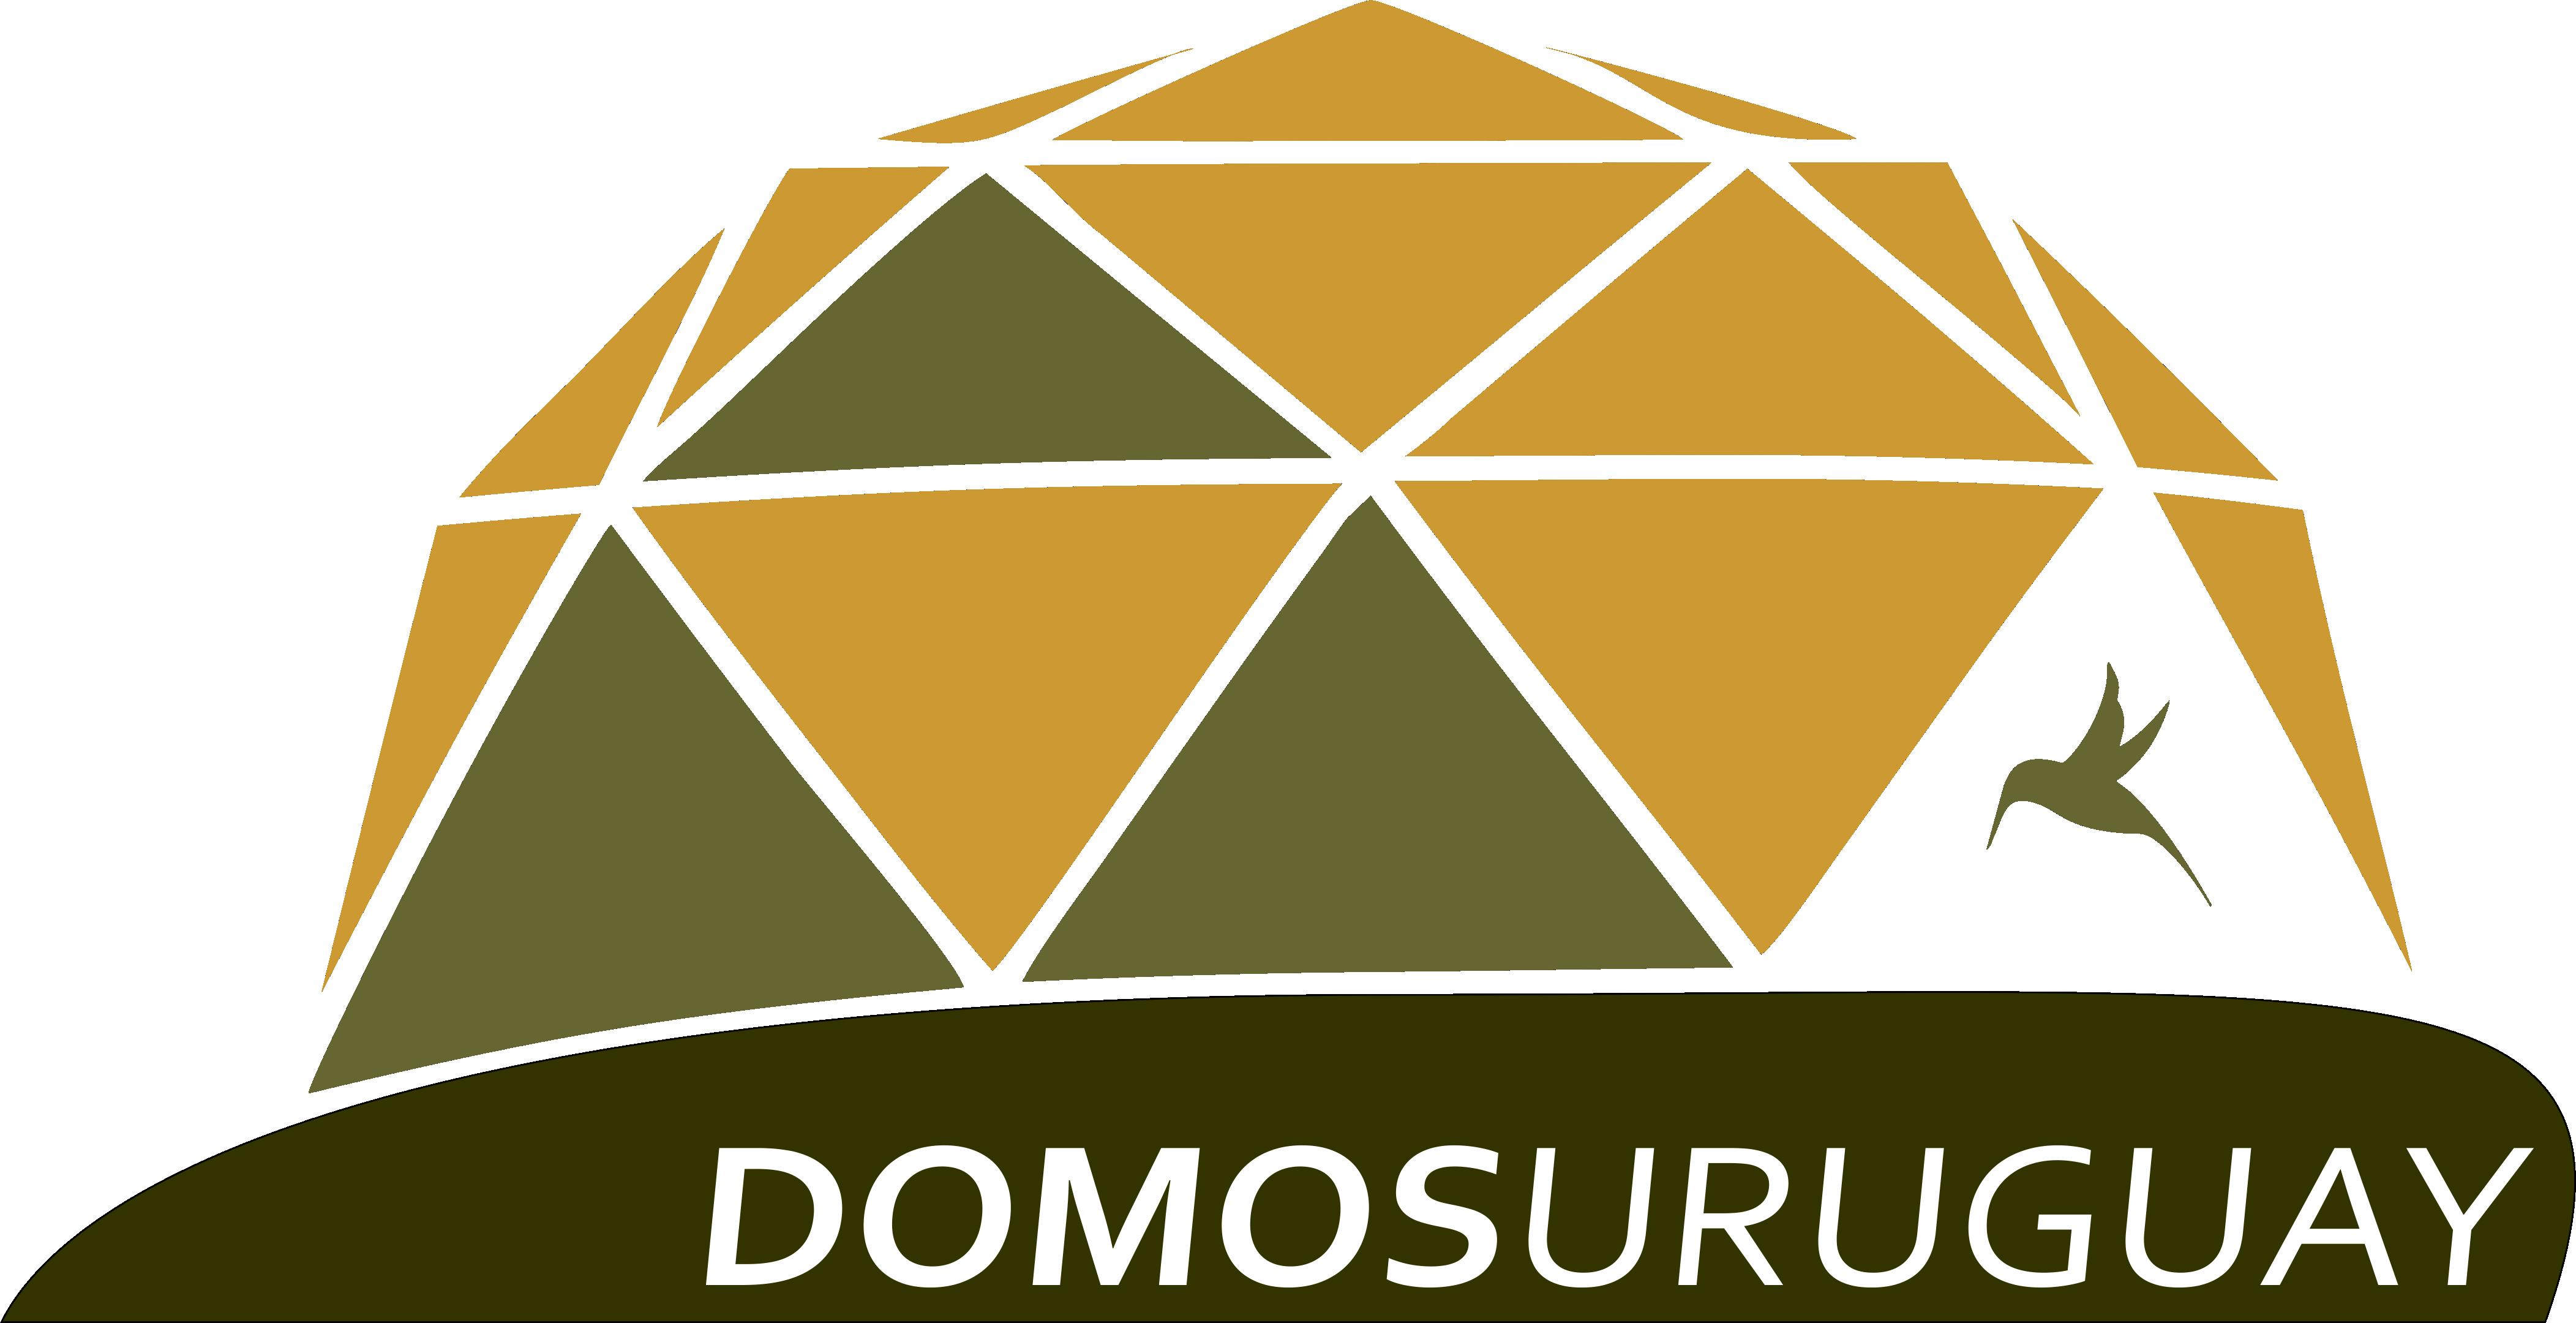 Domos Uruguay